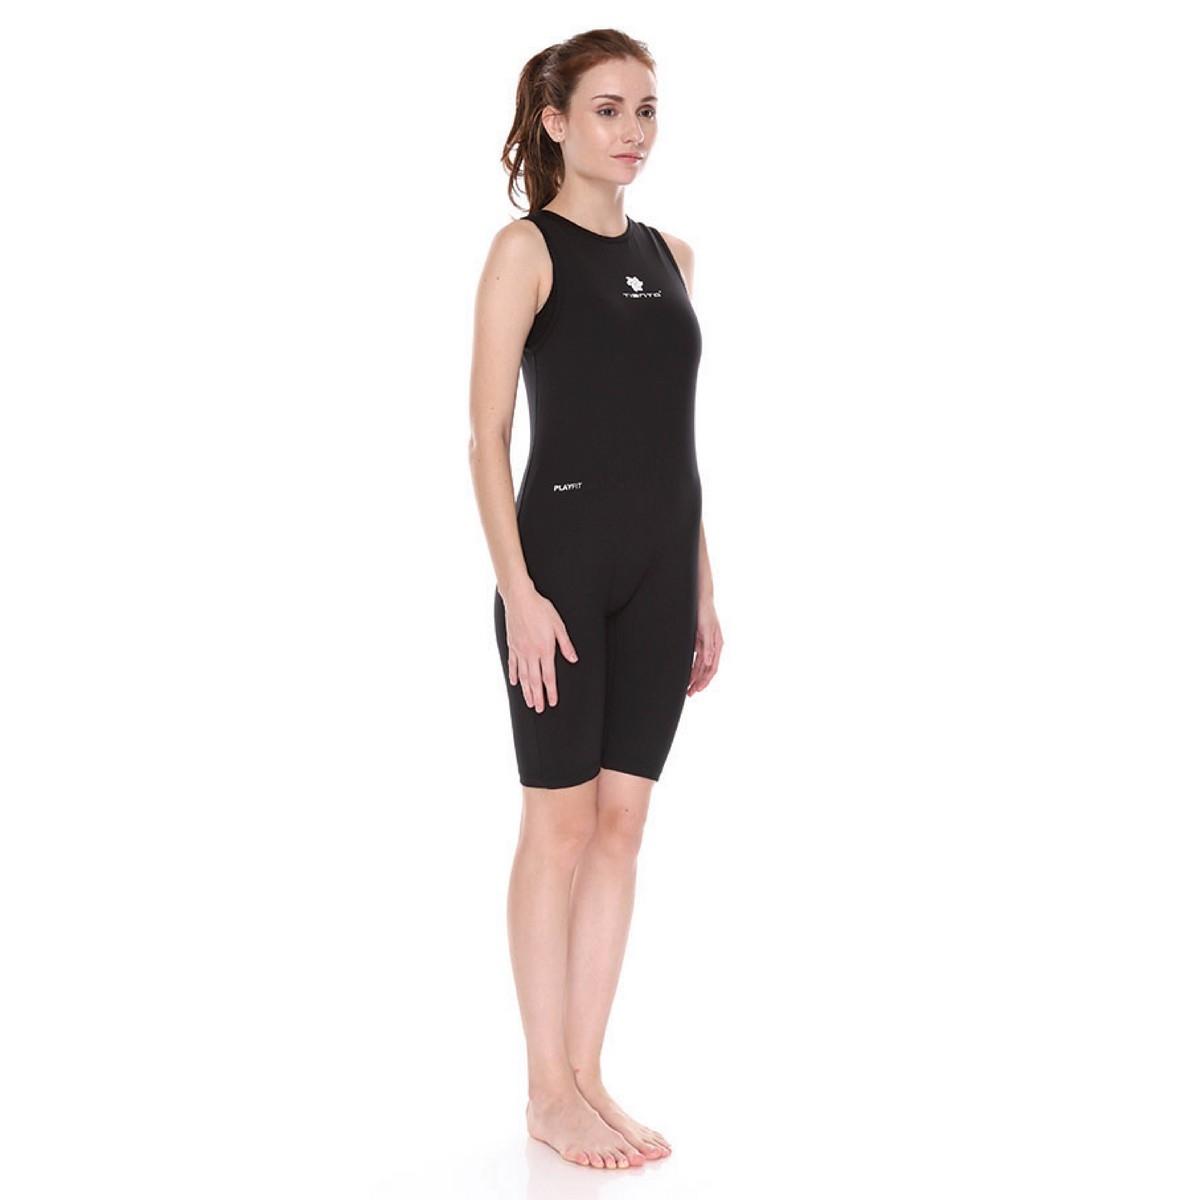 wetsuit singlet women black baju celana pakaian renang